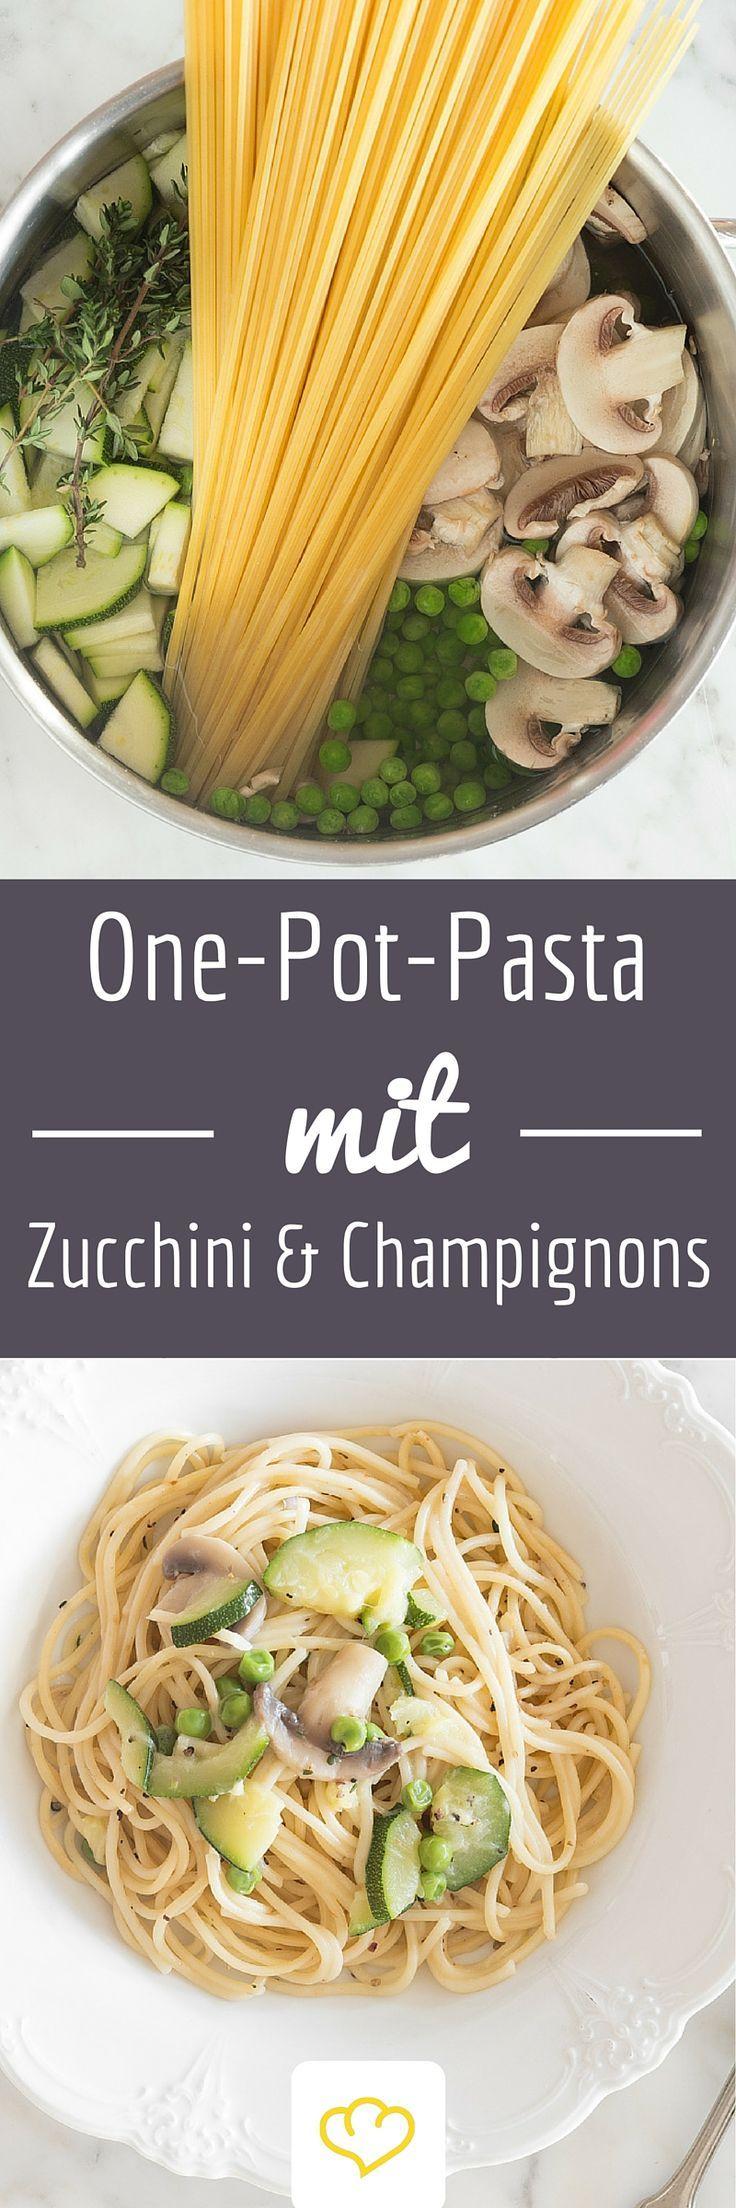 One Pot Pasta mit Zucchini, Champignons und Erbsen